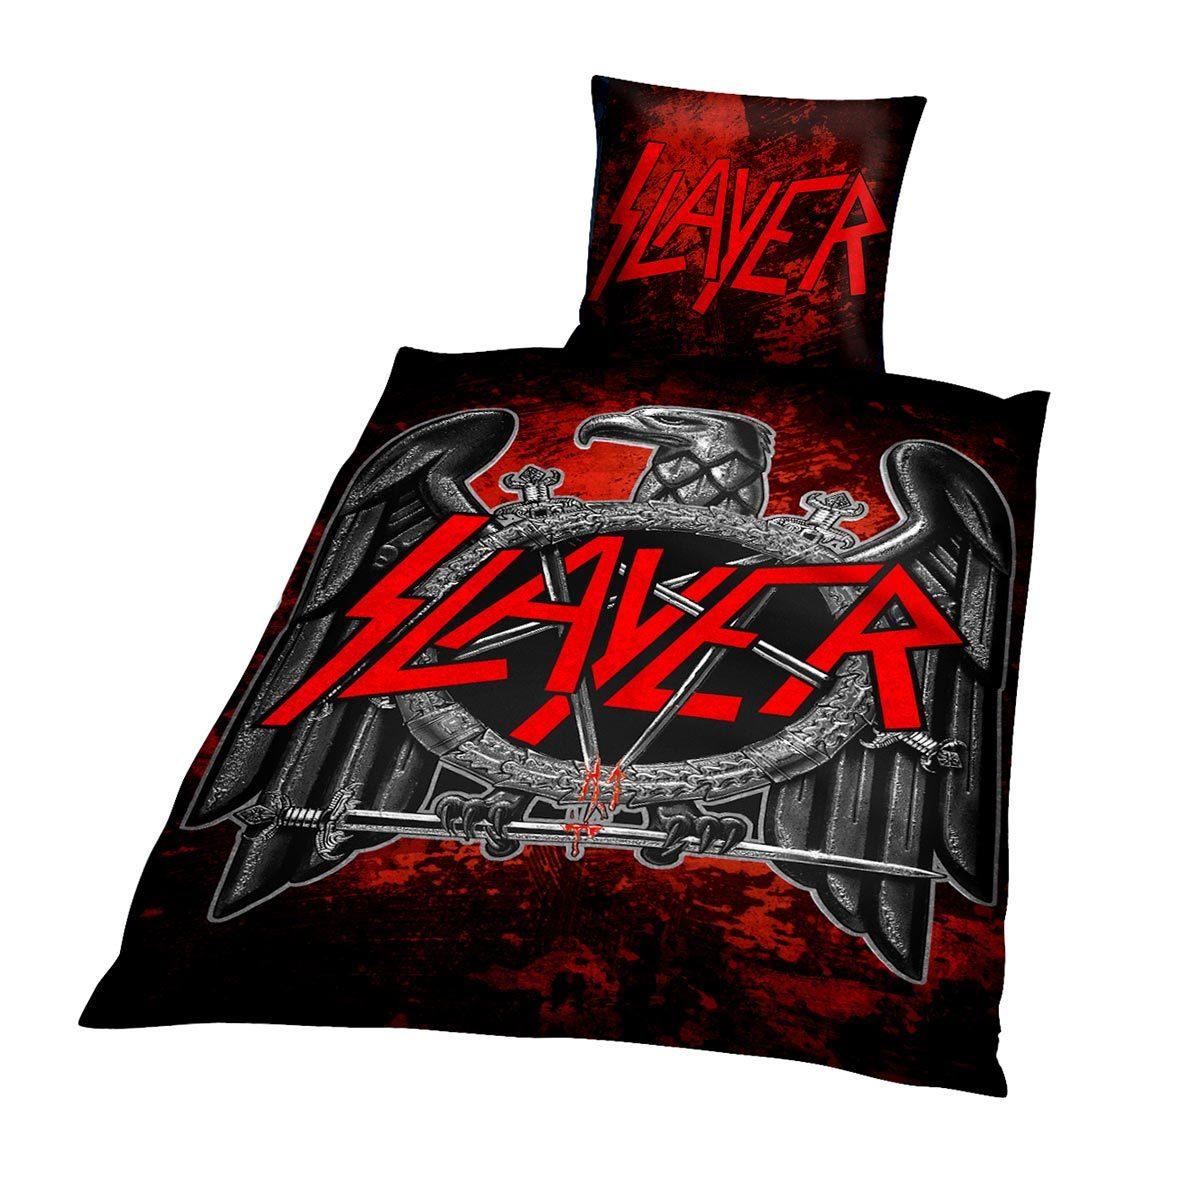 Slayer Bettwäsche Eagle